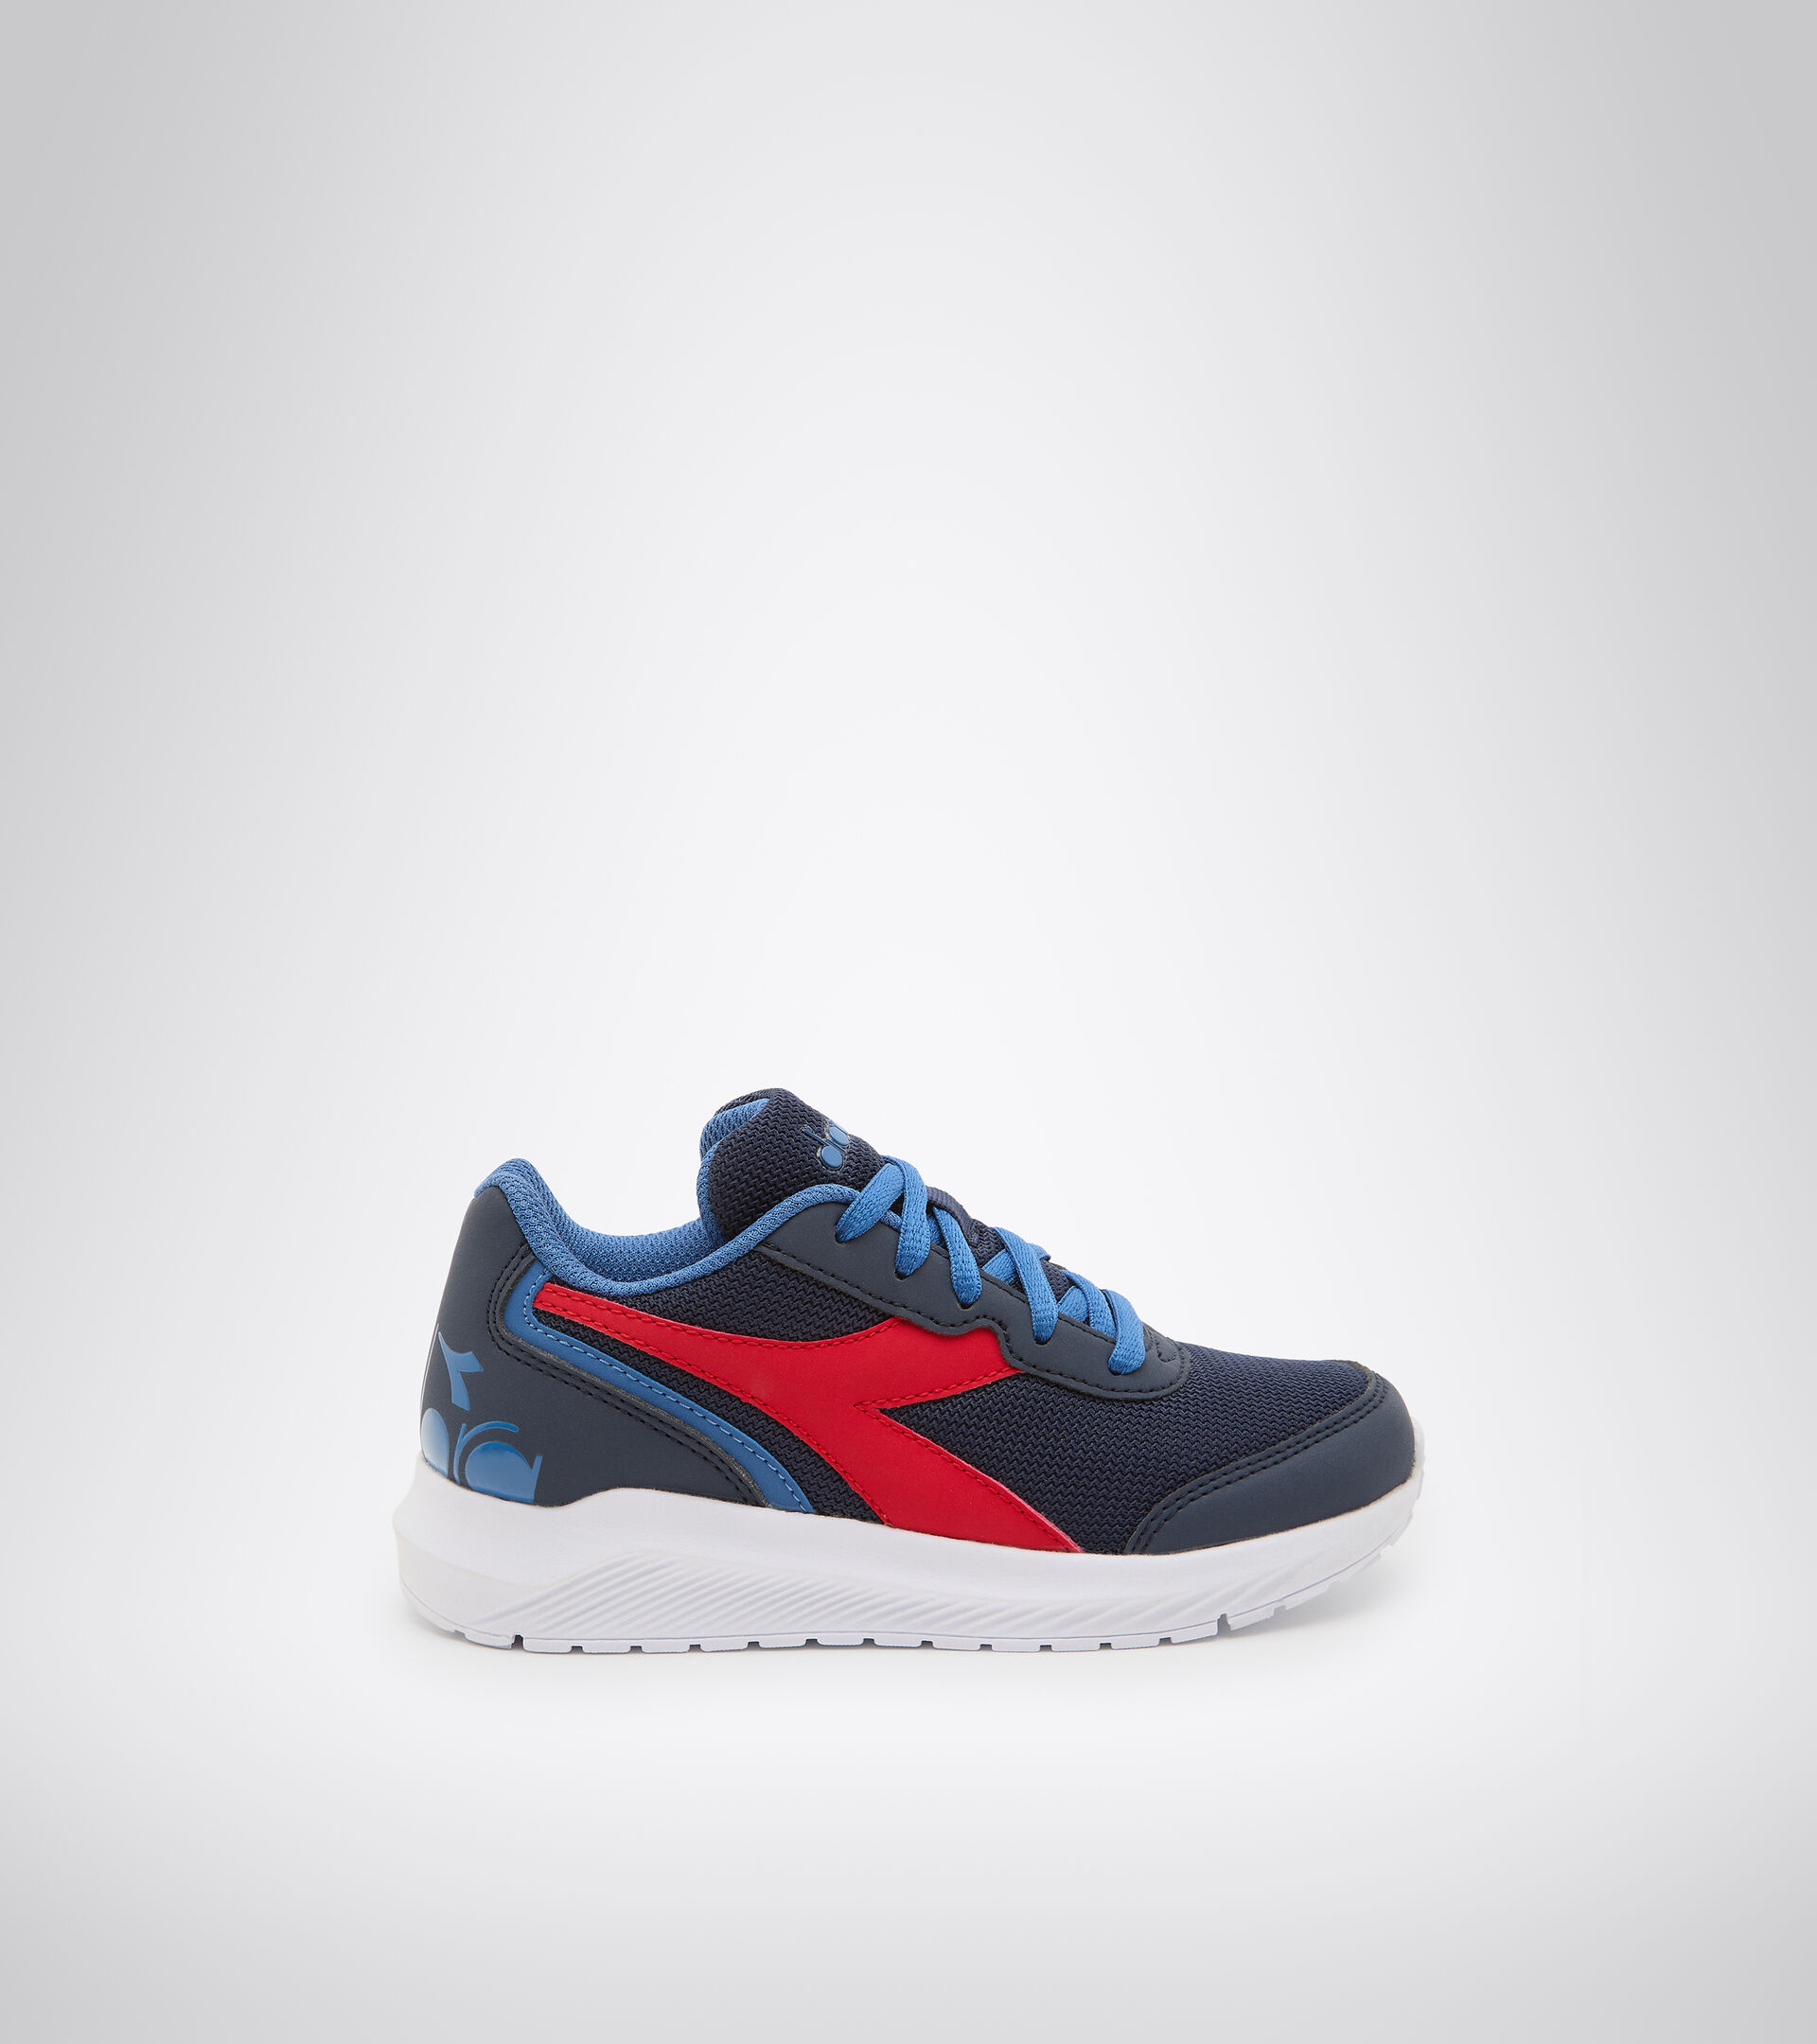 Footwear Sport BAMBINO FALCON JR LIRIO NEGRO/AZUL FEDERAL Diadora